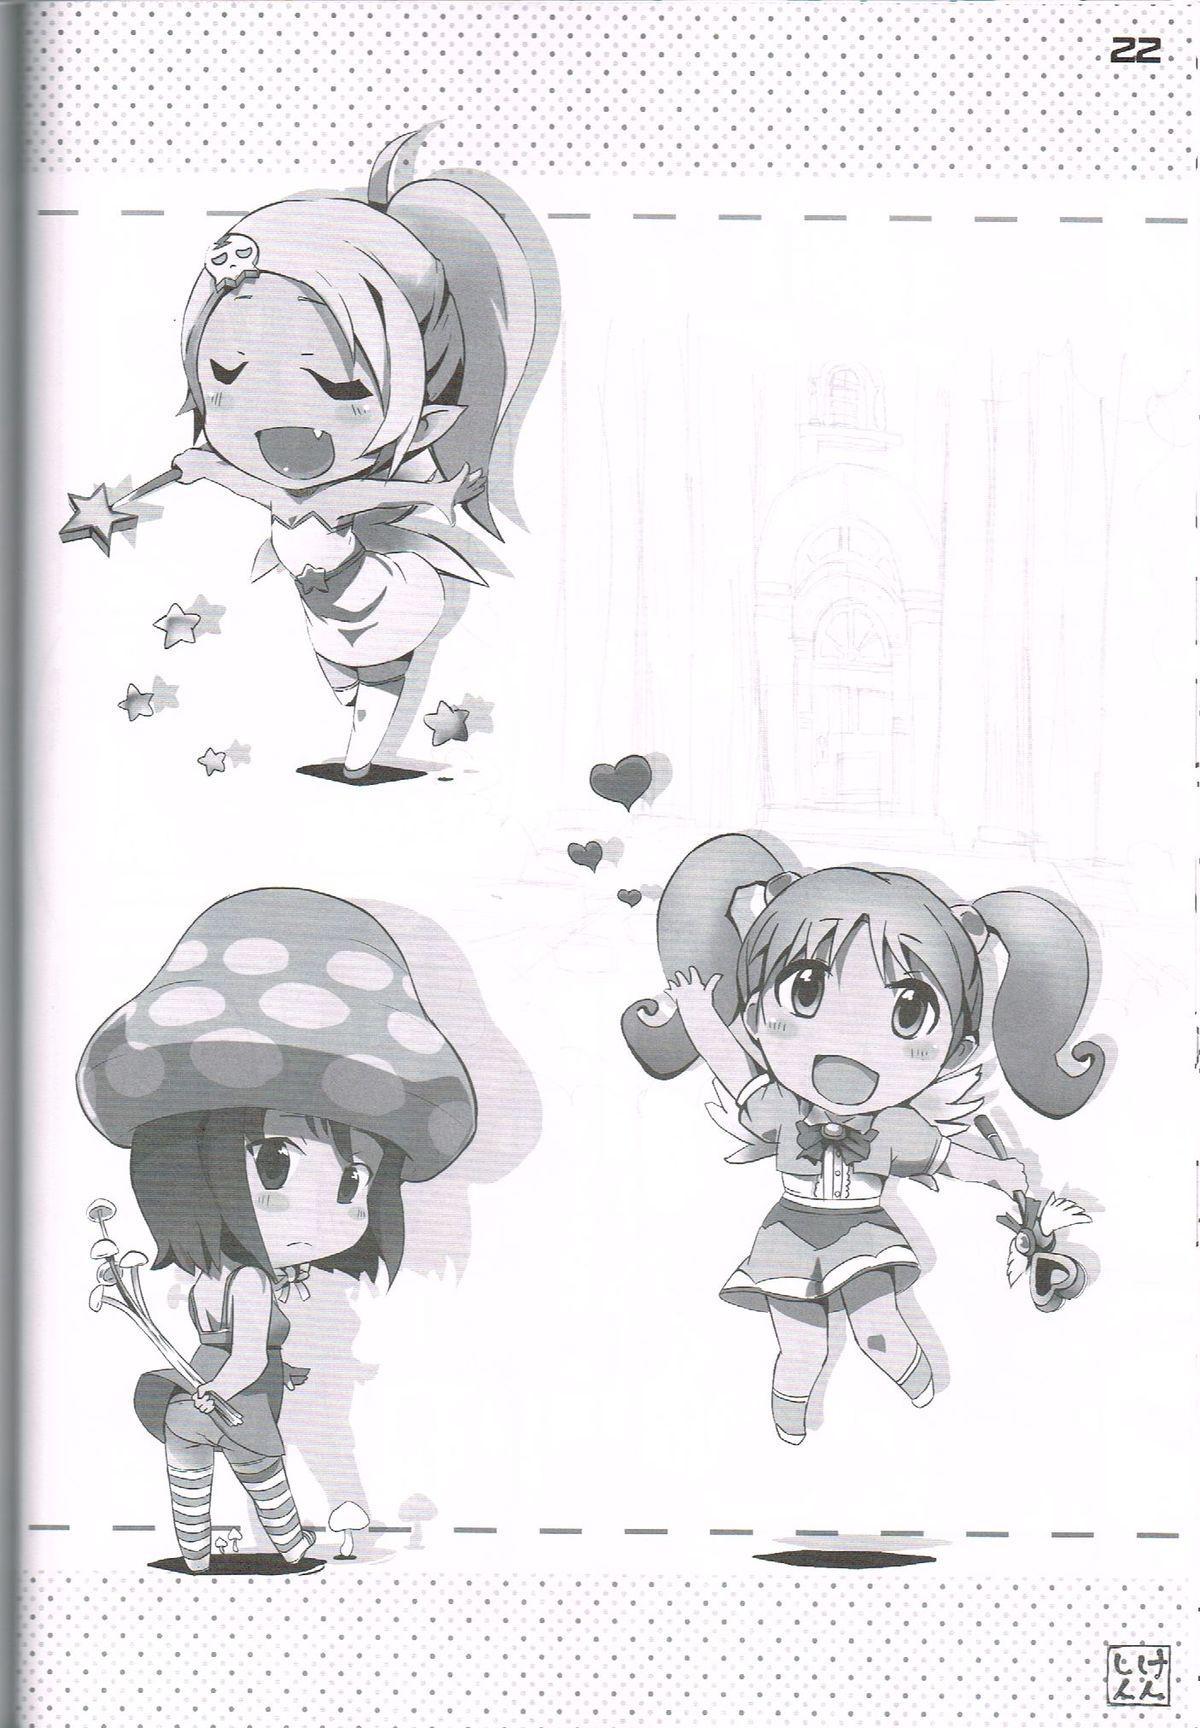 """Hatashite Konofuyu Nansatsu no Doujinshi ga """"○○ Fairies"""" Toiu Title Darouka 20"""